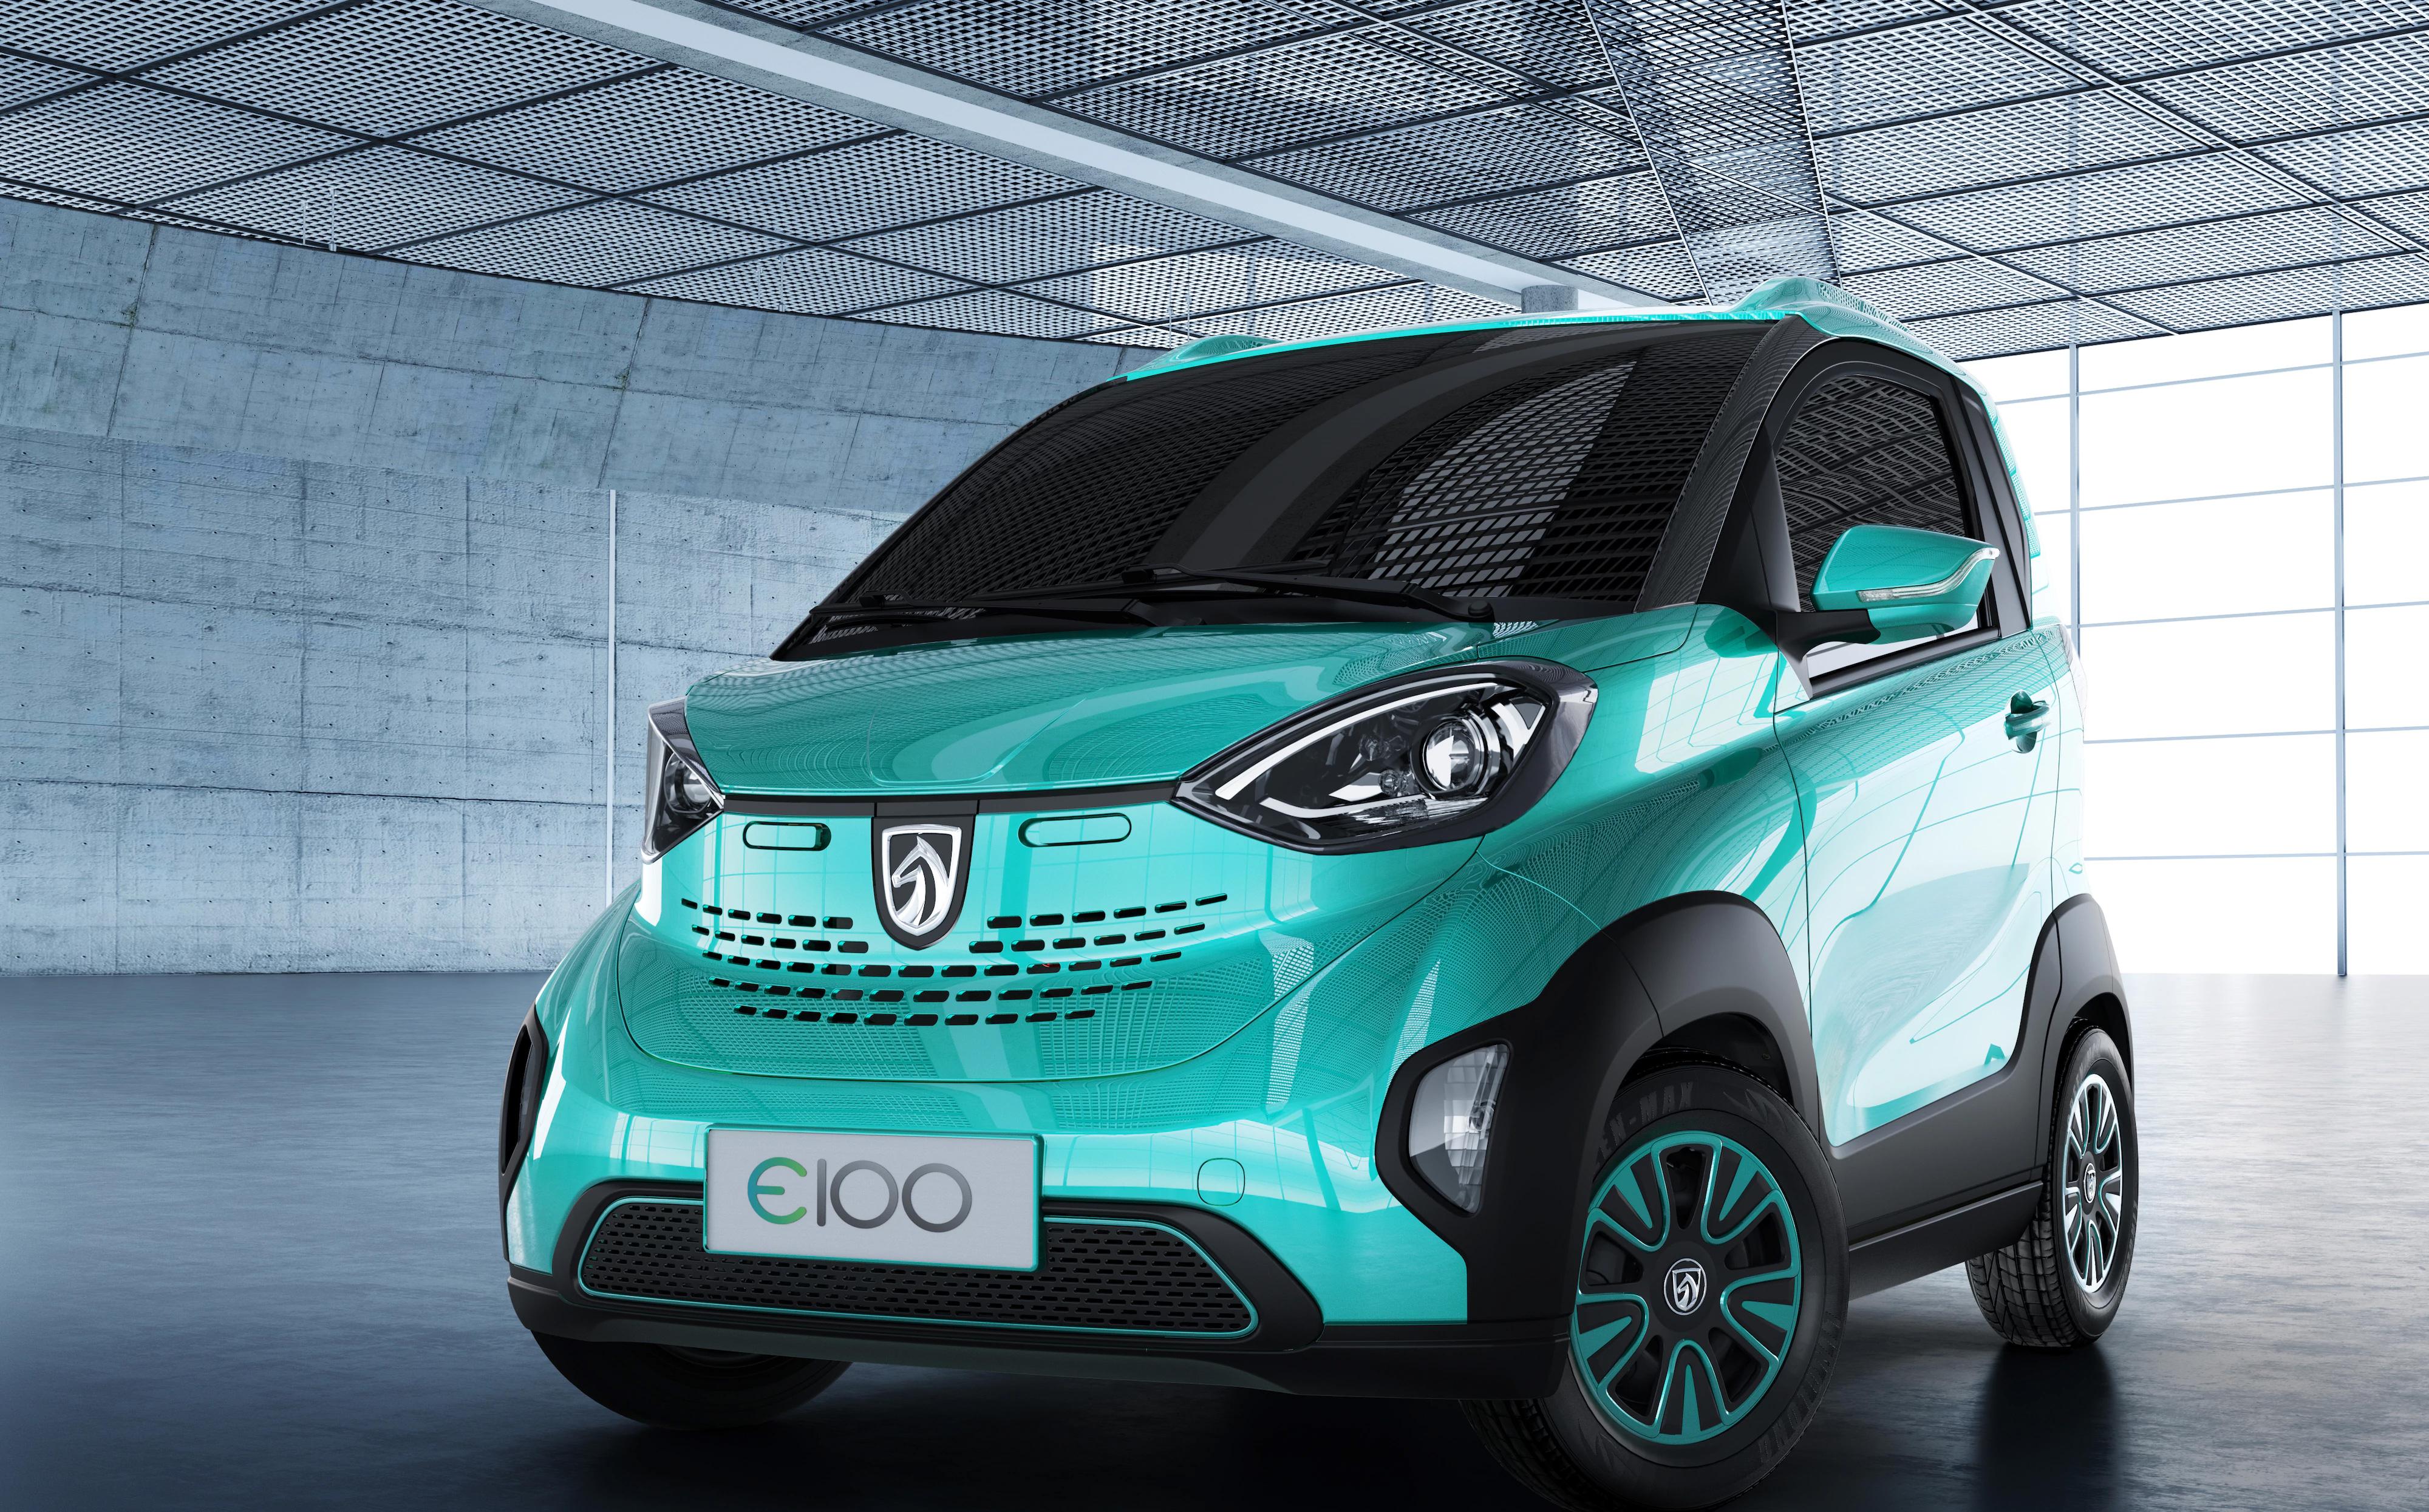 SAIC-GM-Wuling Launches Baojun E100, a $5,300 electric car ...